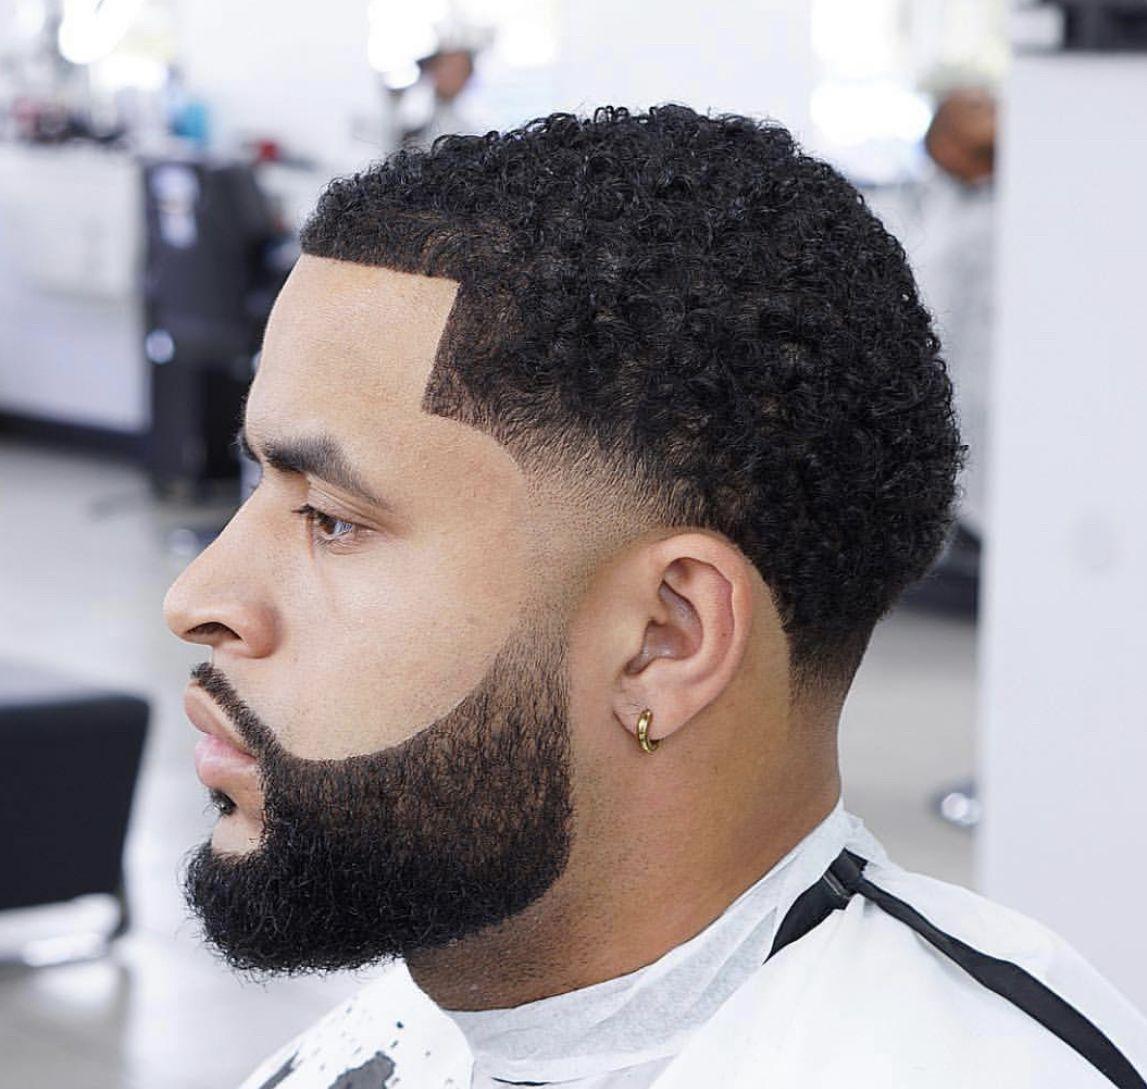 Pin On Beard Grooming Goals